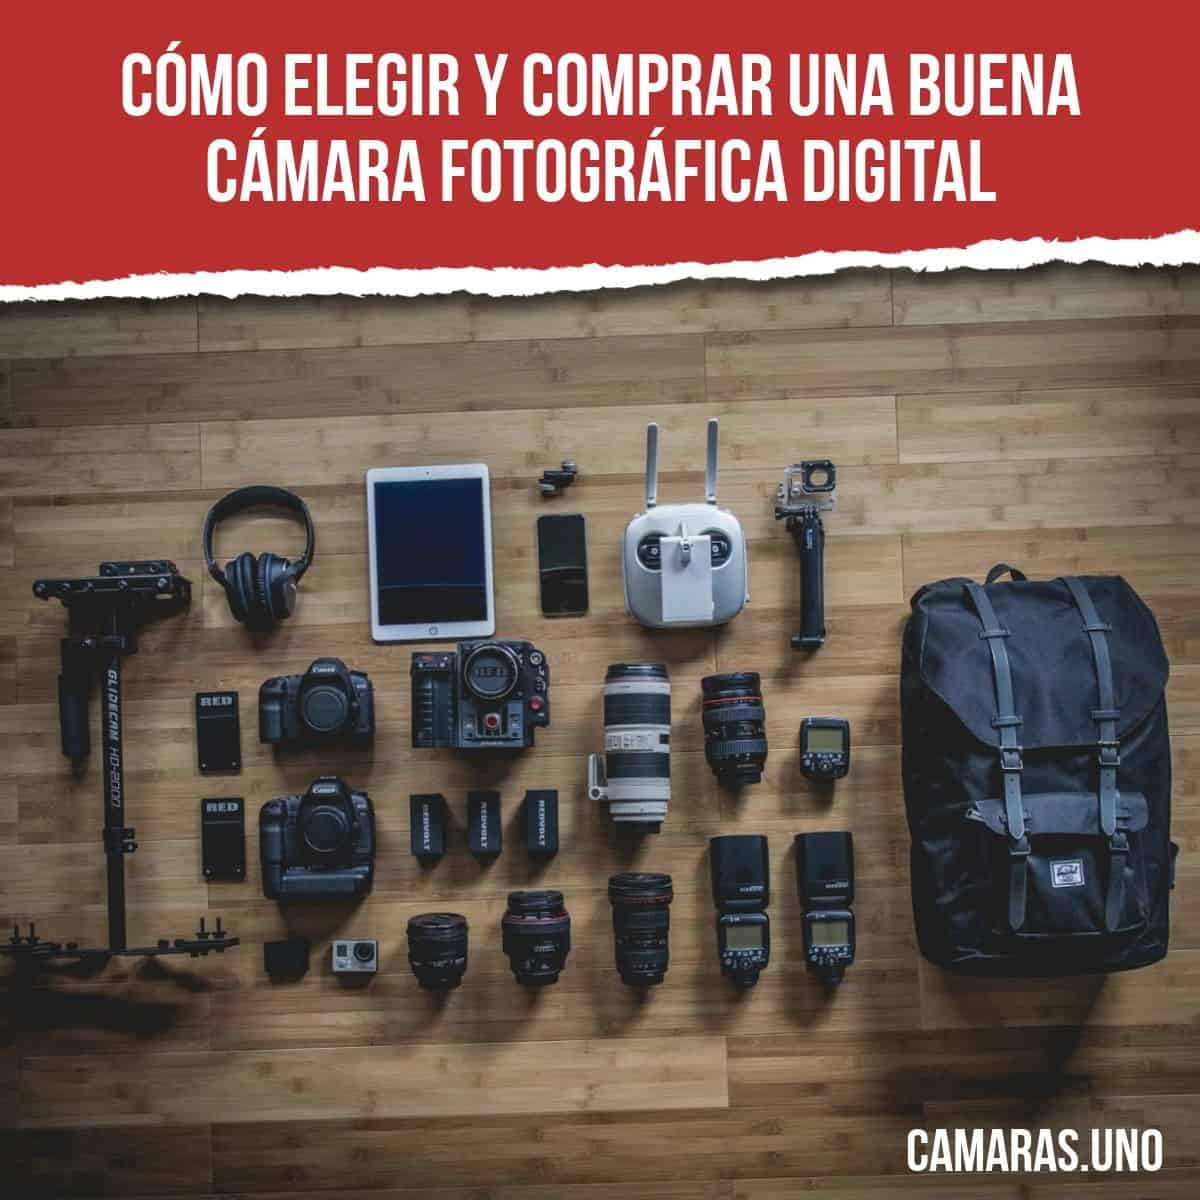 Cómo elegir y comprar una buena cámara fotográfica digital